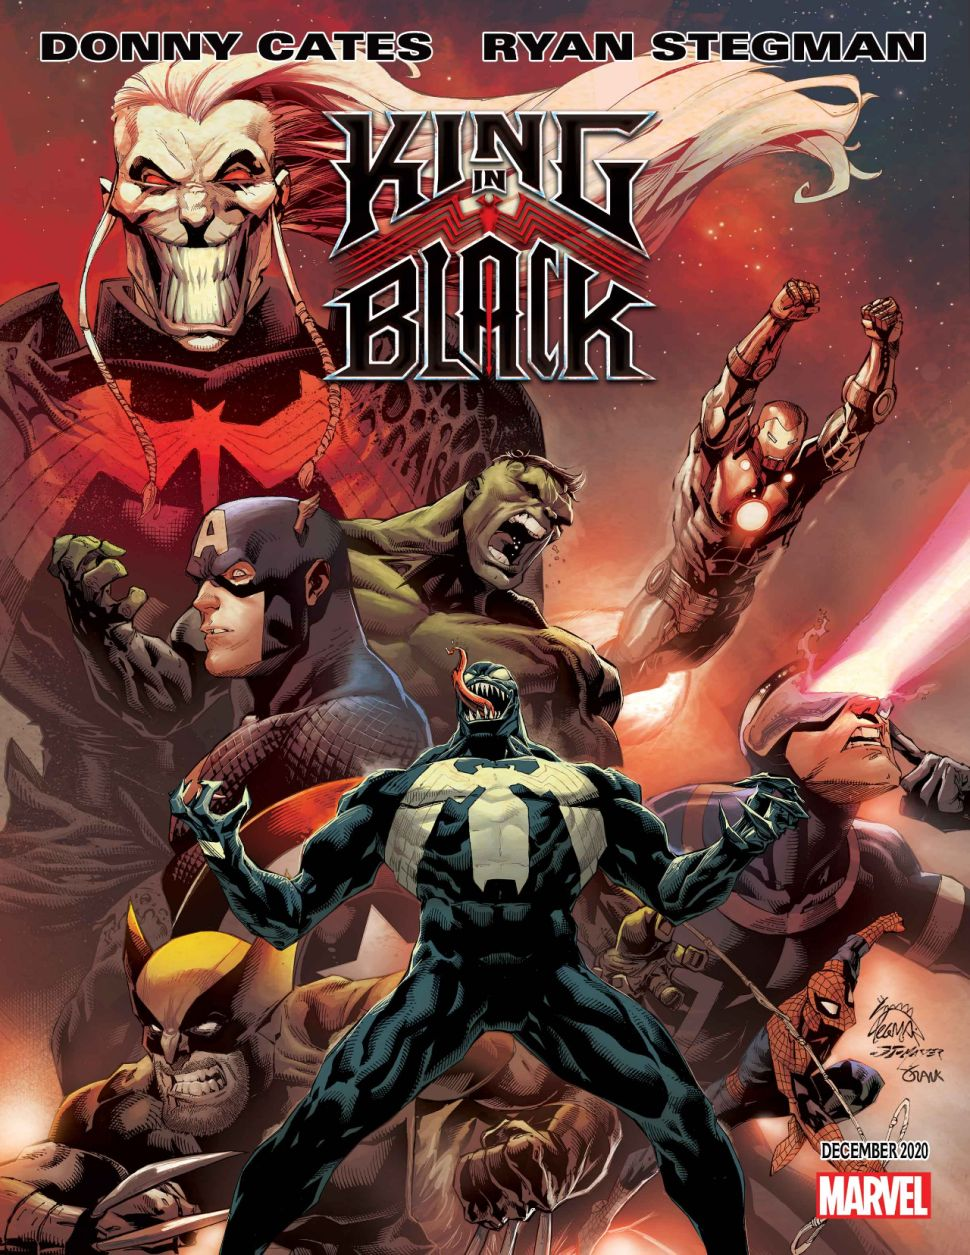 (Crédito da imagem: Marvel Comic(Crédito da imagem: Marvel Comics)s)